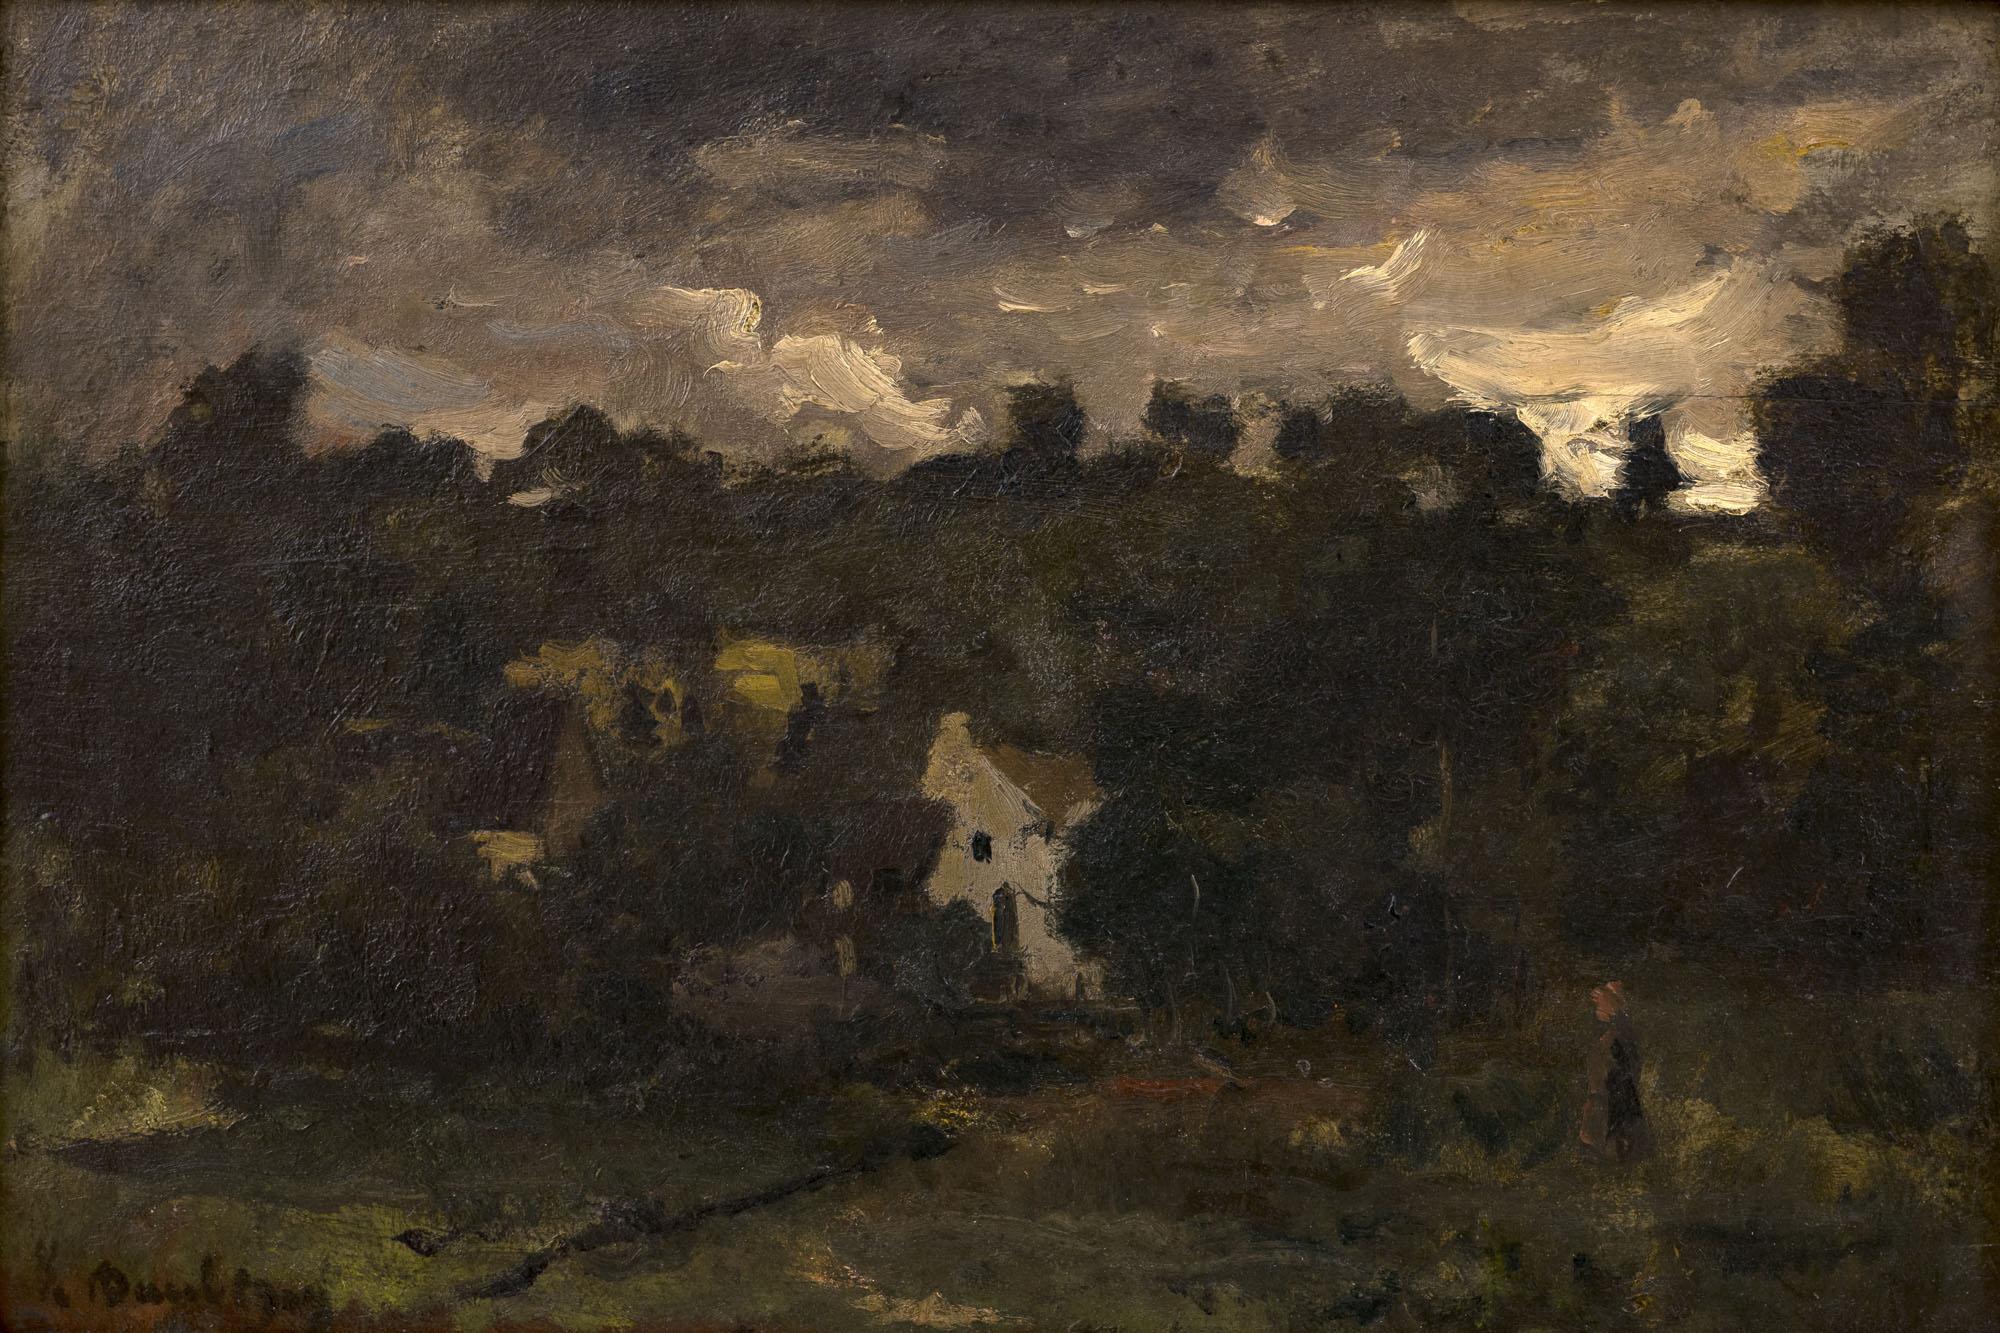 Tableau Hameau sous un ciel orageux